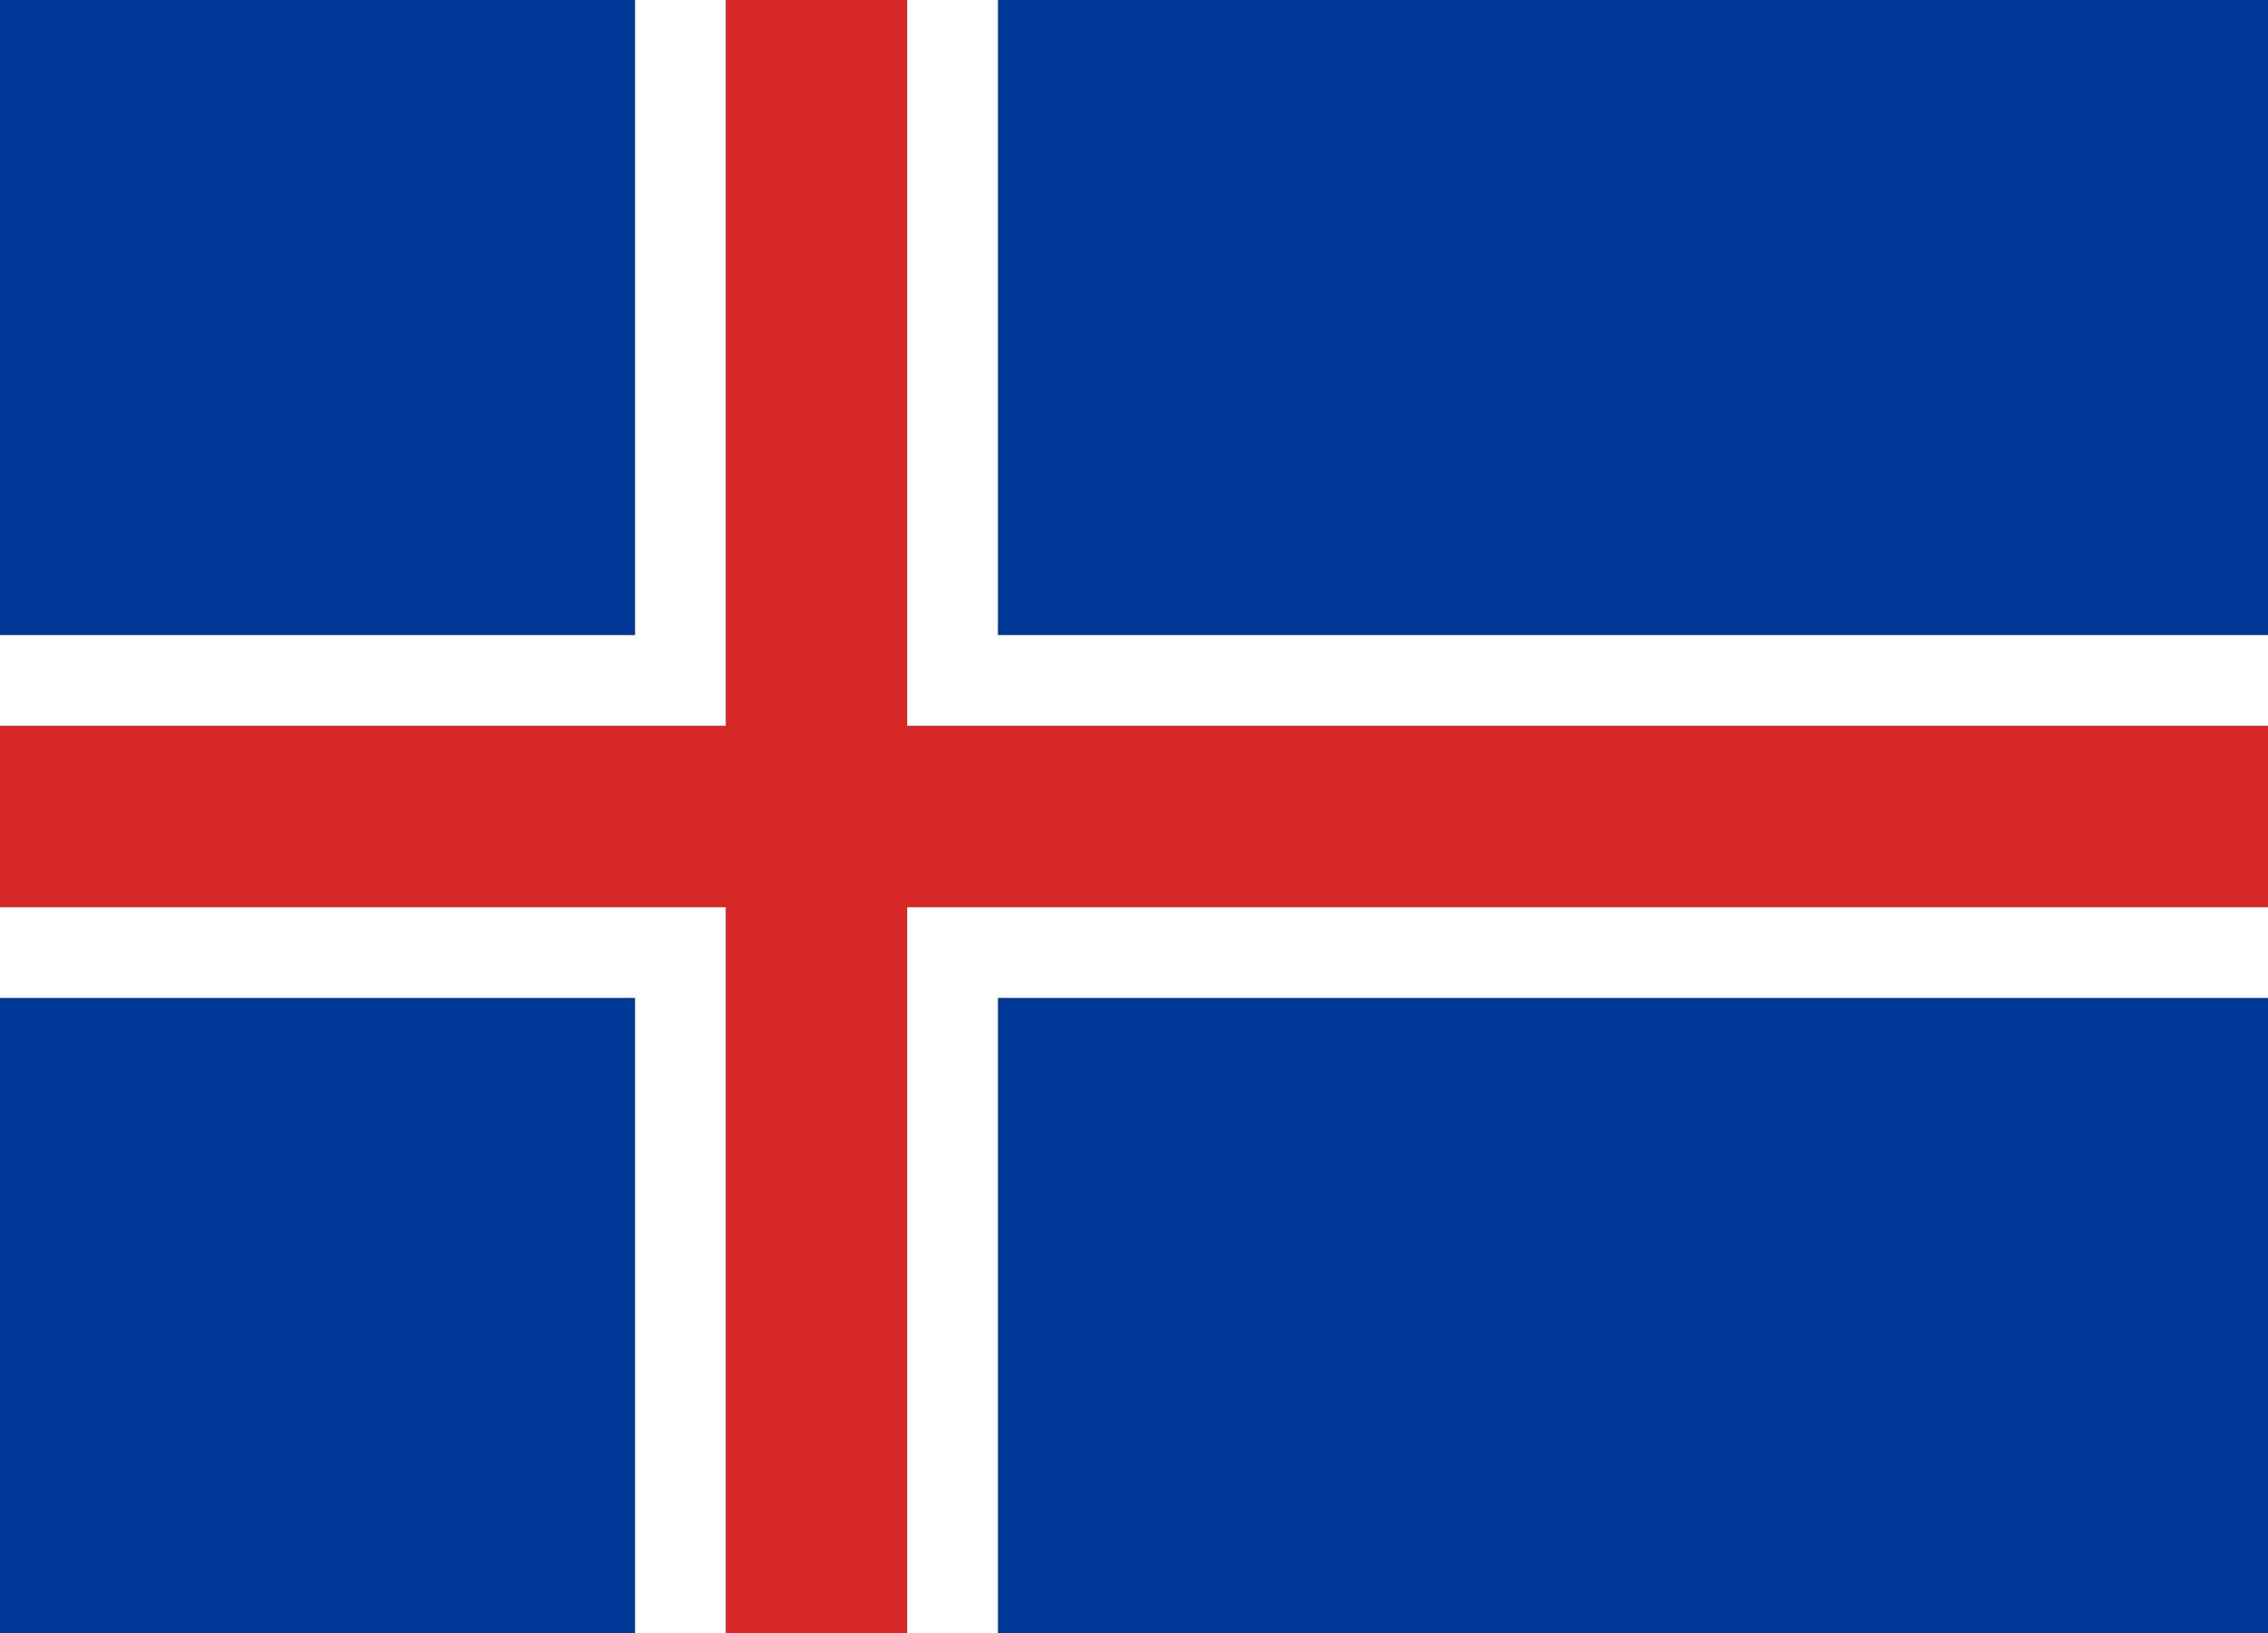 islandia, país, emblema, insignia, símbolo - Fondos de Pantalla HD - professor-falken.com